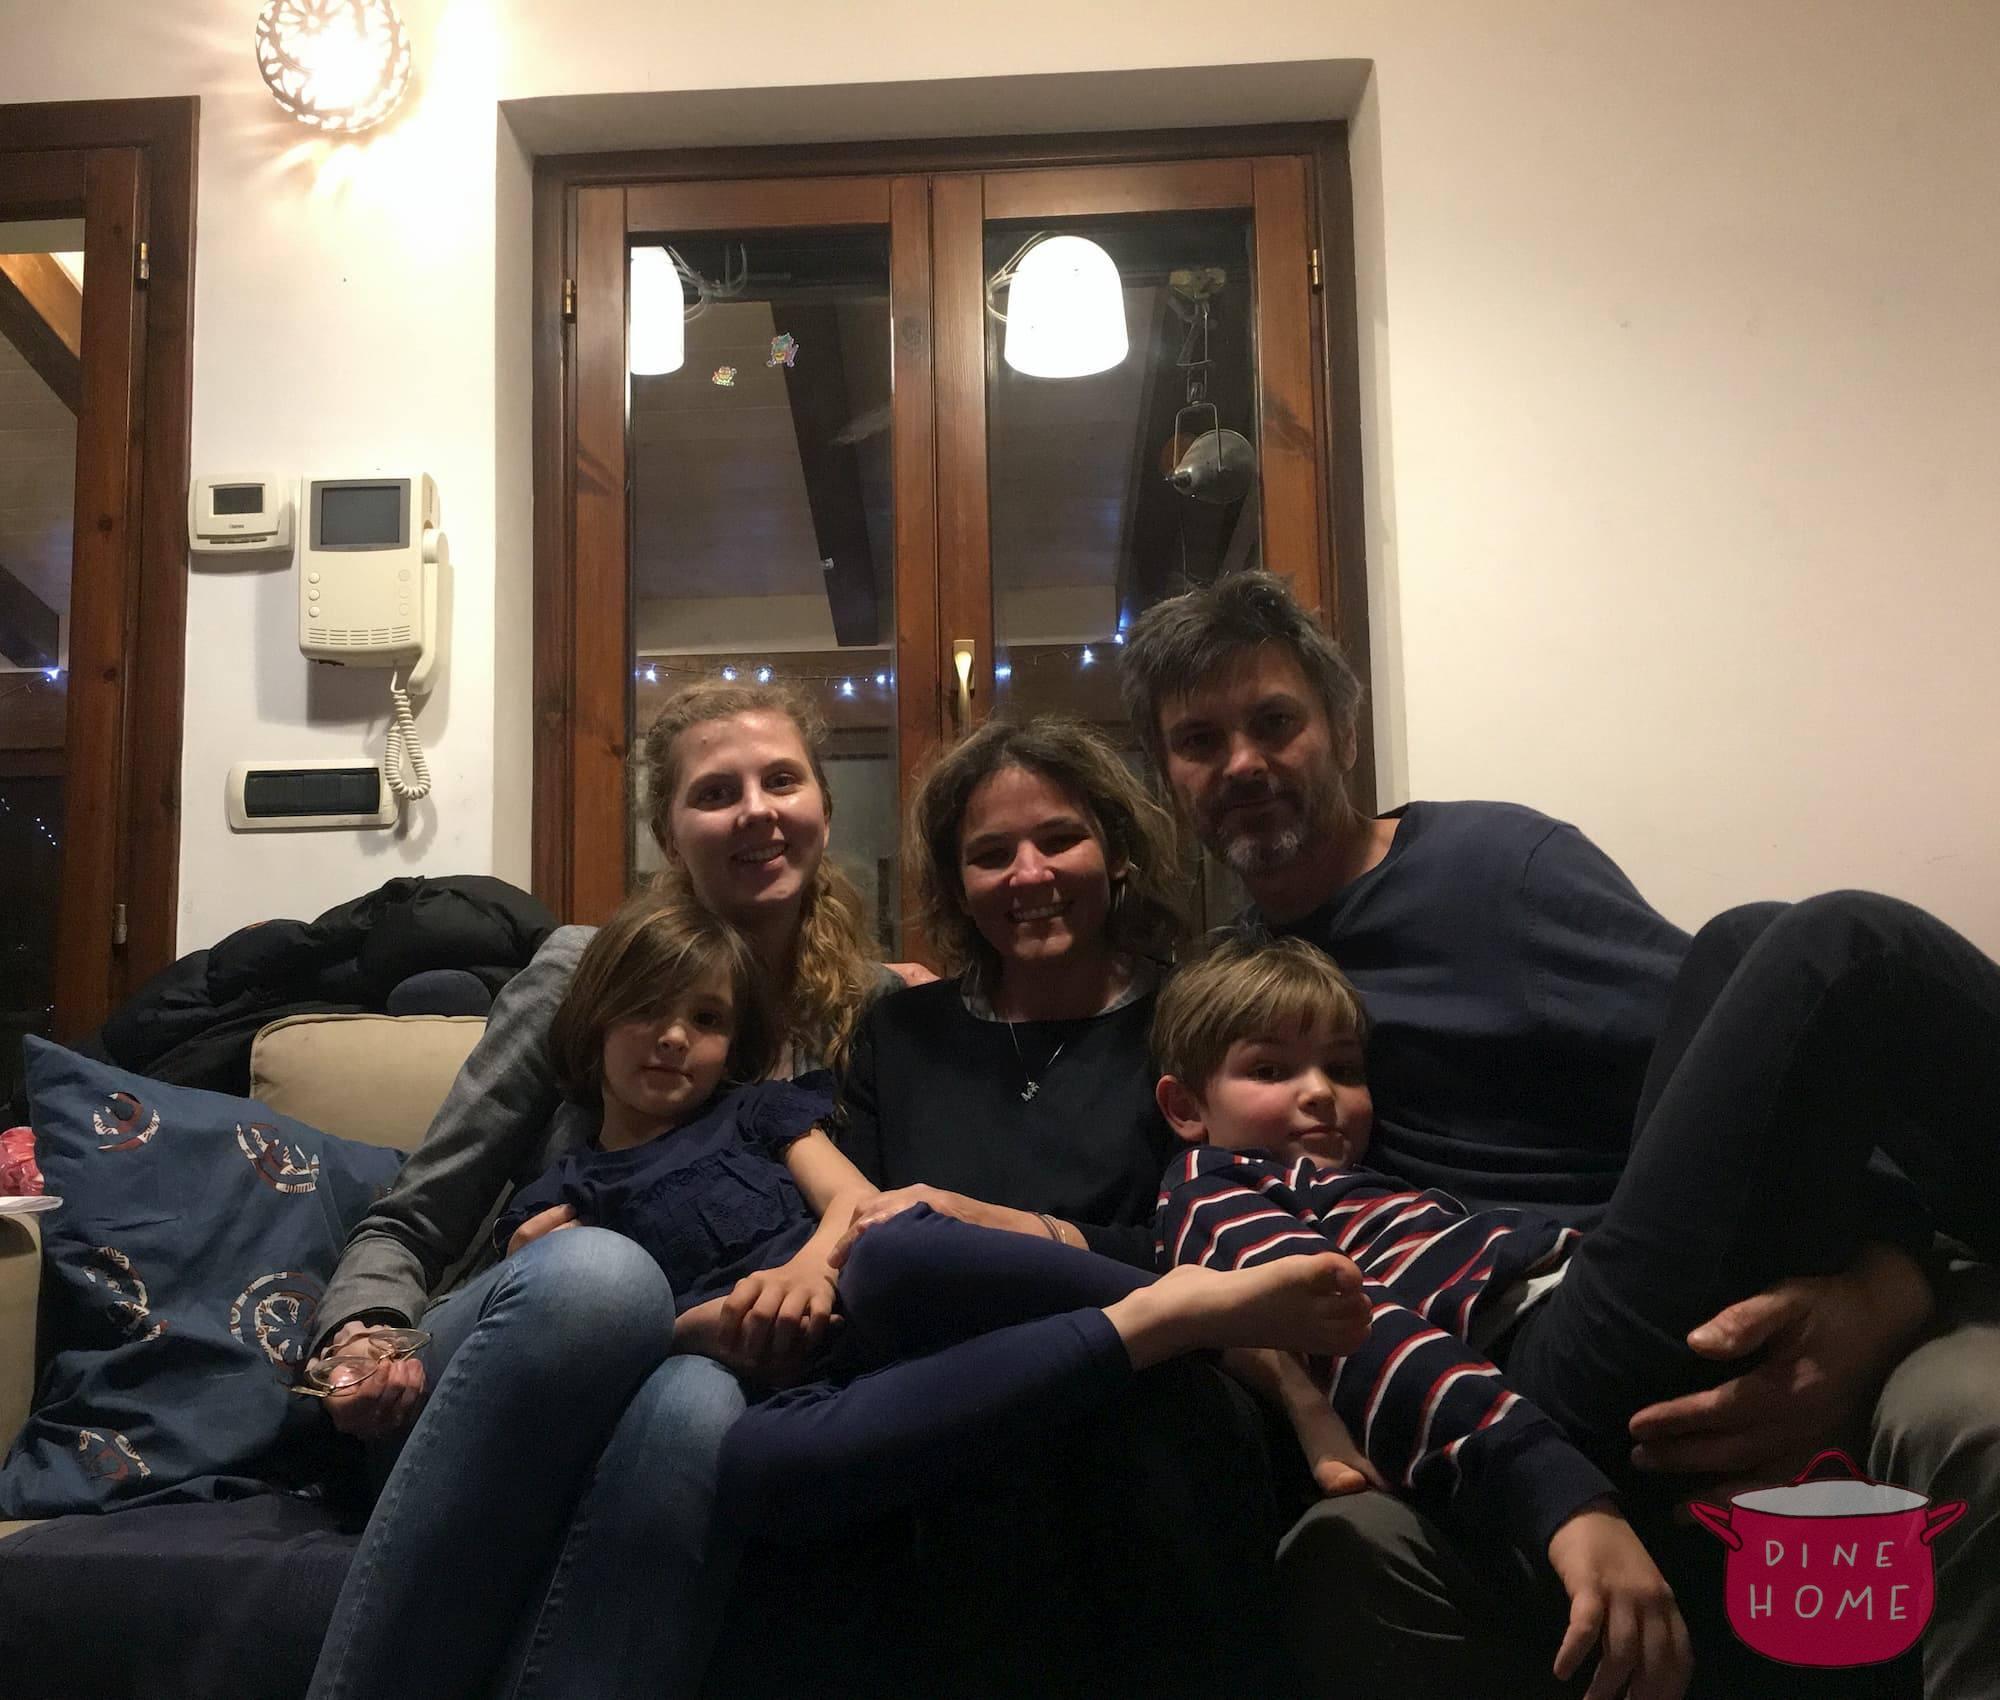 Michalina, studentessa dalla Polonia, a cena dalla sua famiglia Dinehome.